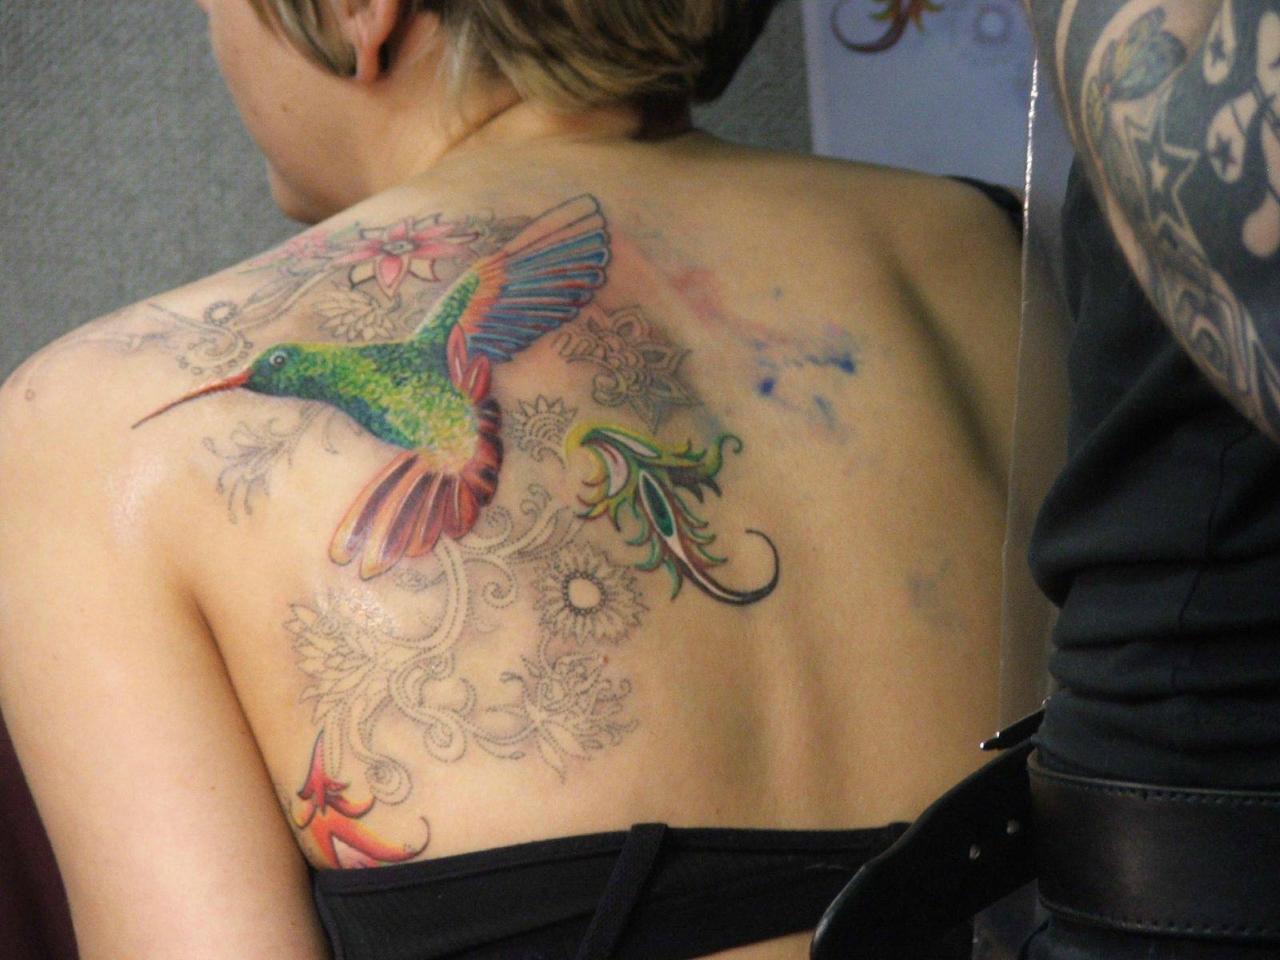 Maroosya tattoo of bird